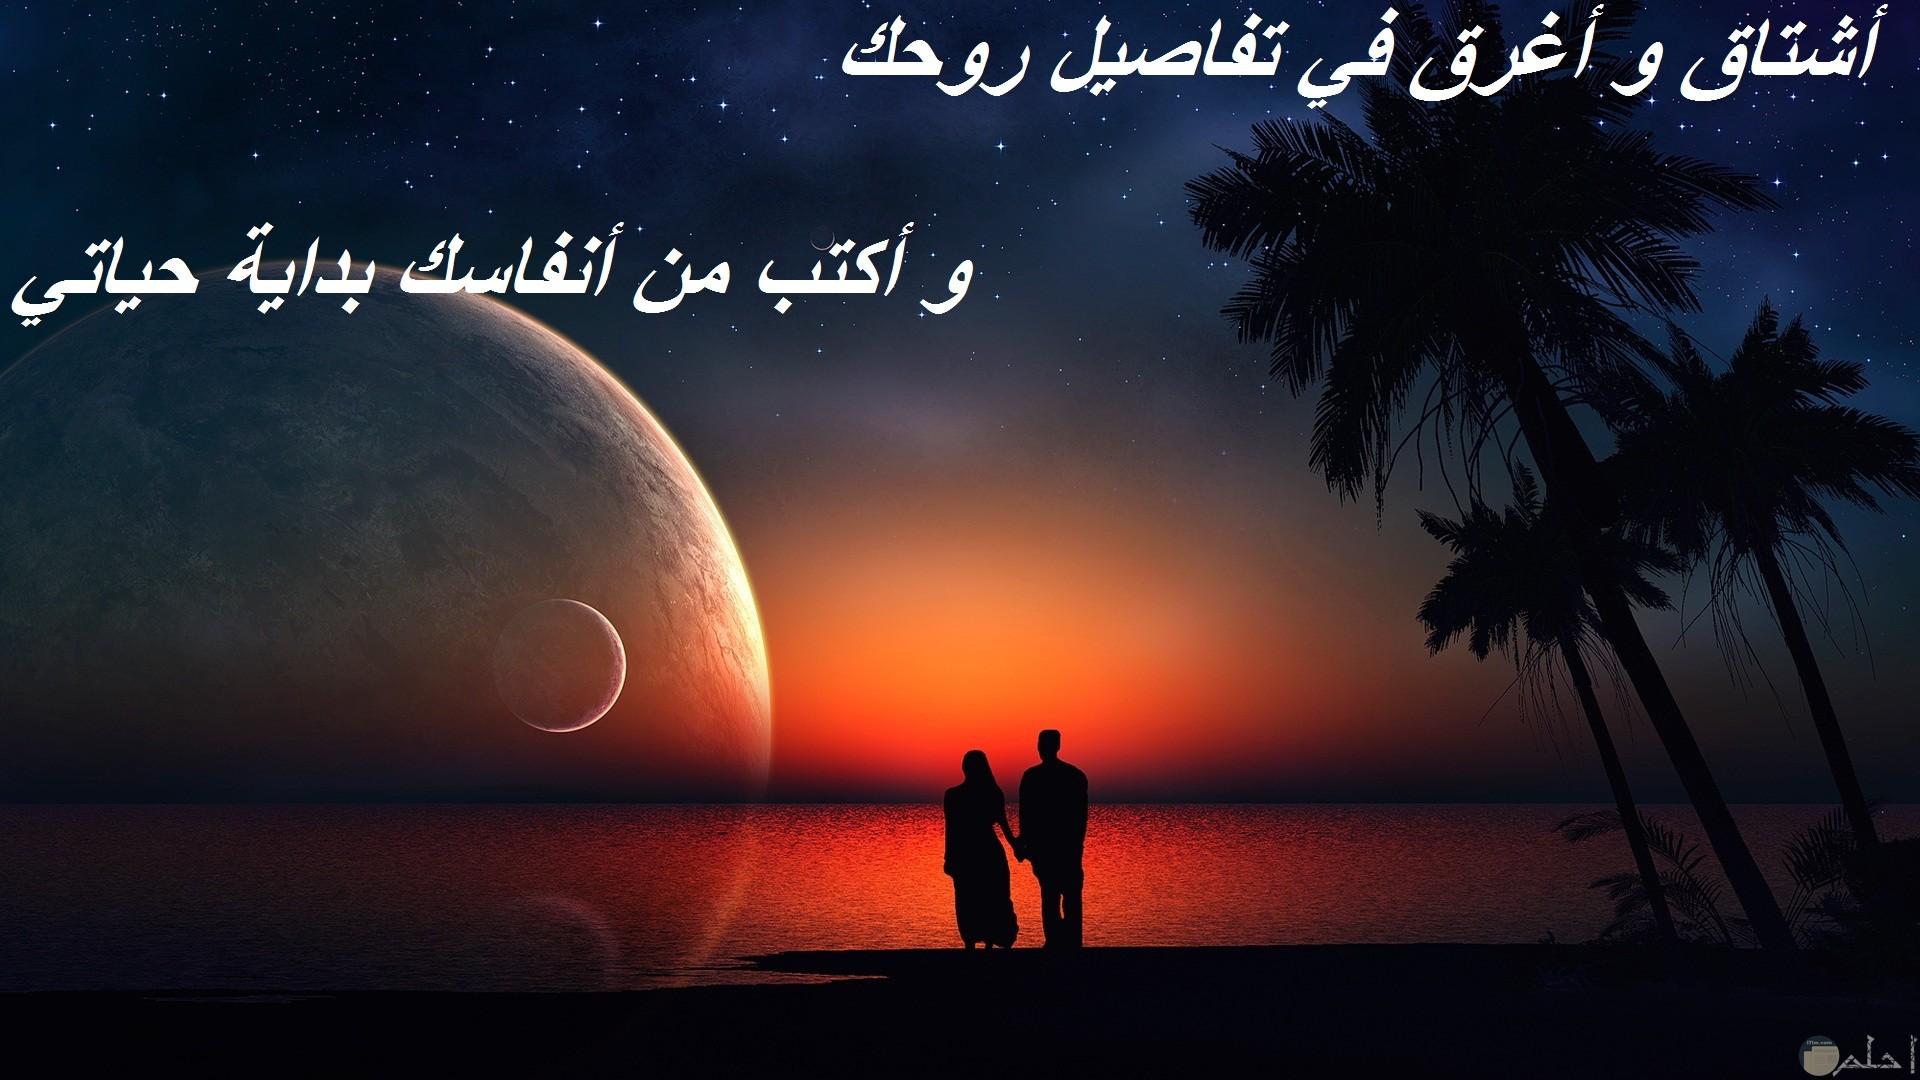 كلام في الحب و الاشتياق.